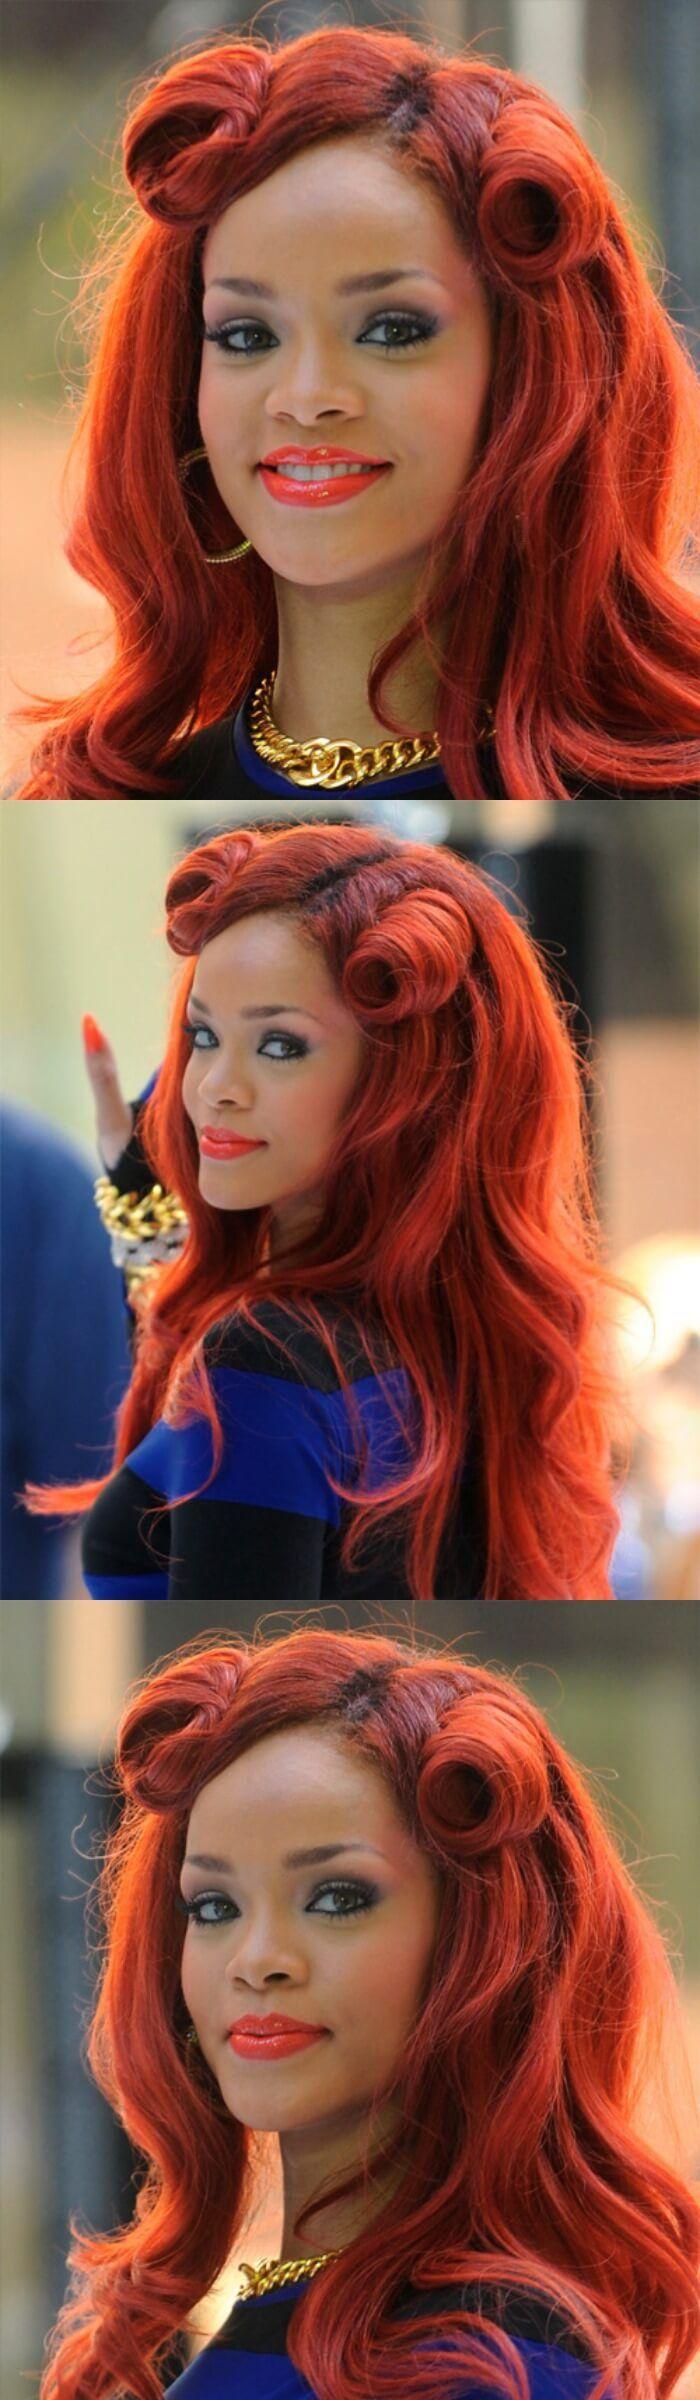 Curly Half Up Frisur für mittelhelles rot gefärbtes Haar